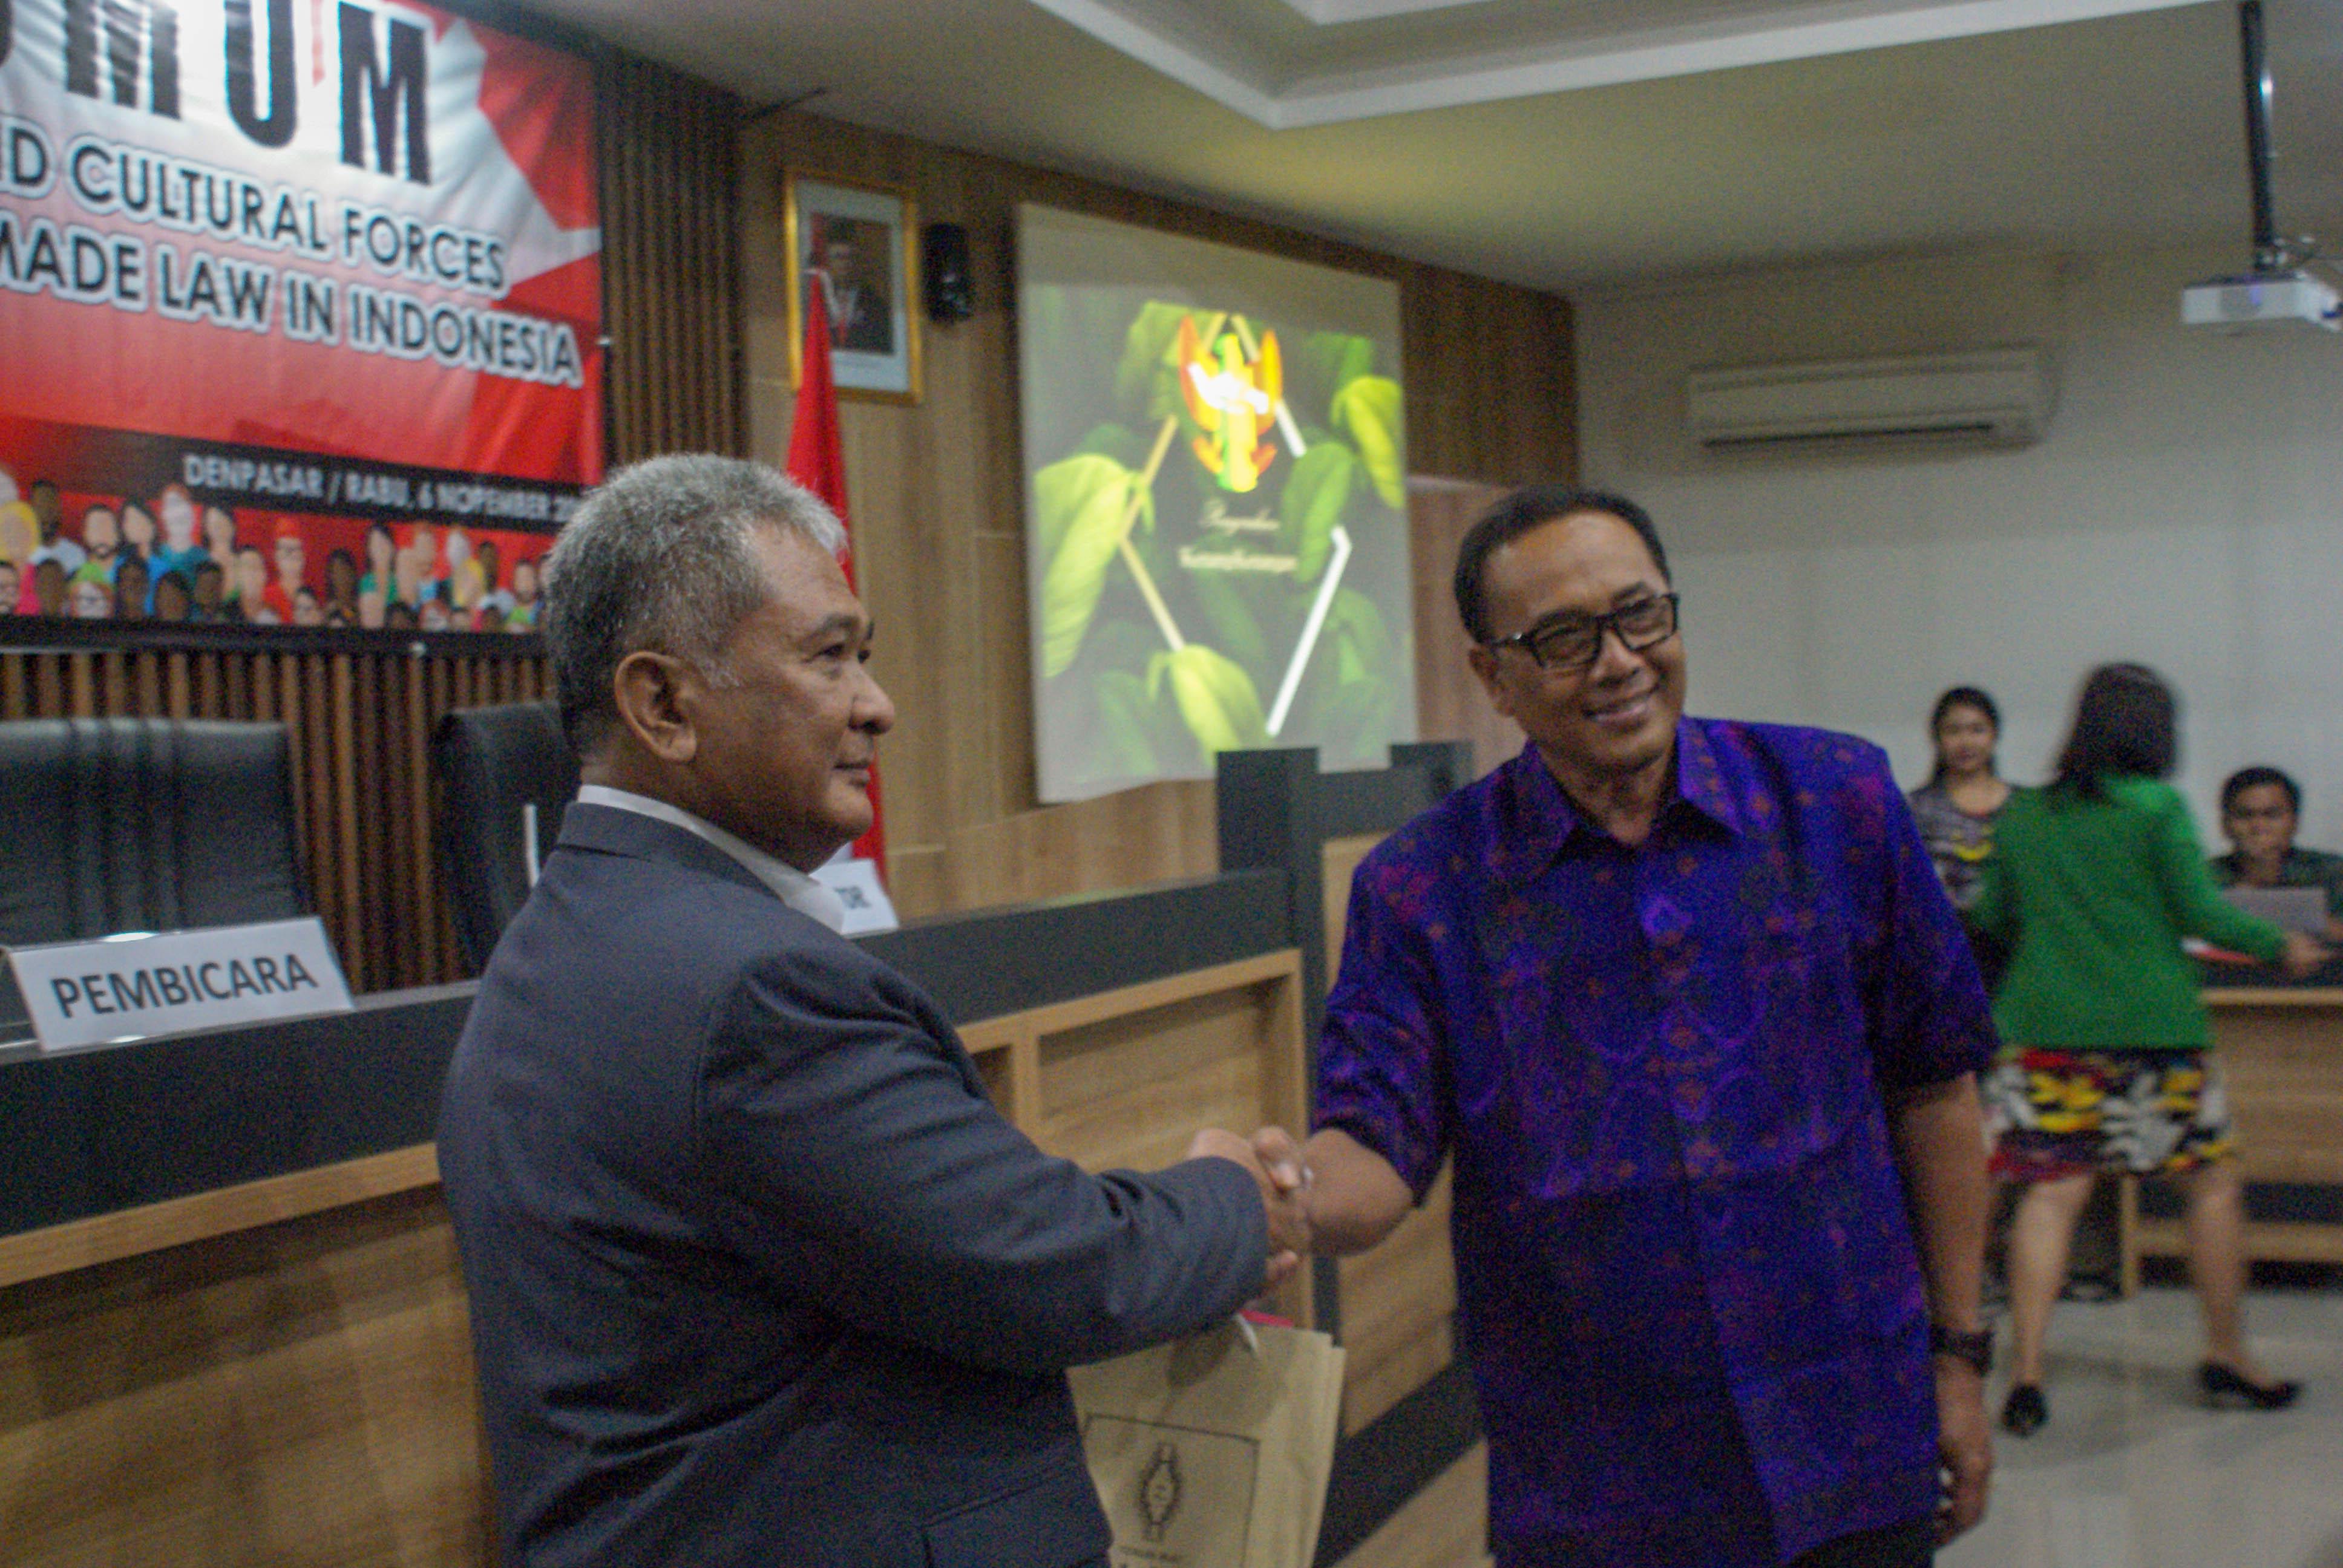 Profesor Ade saptomo menerima kenang-kenangan dari Dekan Fakultas Hukum Universitas Warmadewa